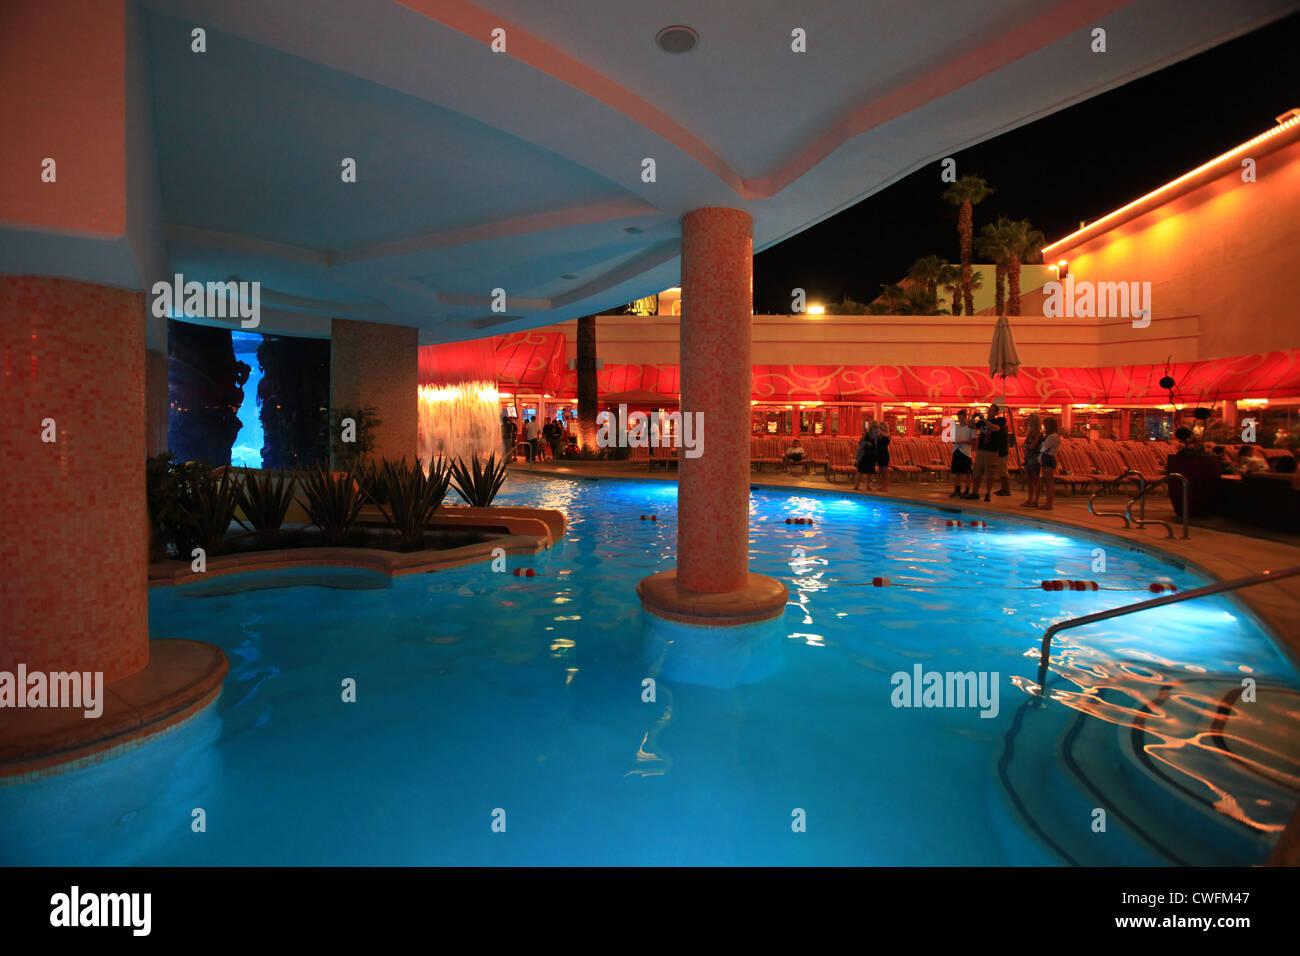 hotel golden nugget casino las vegas